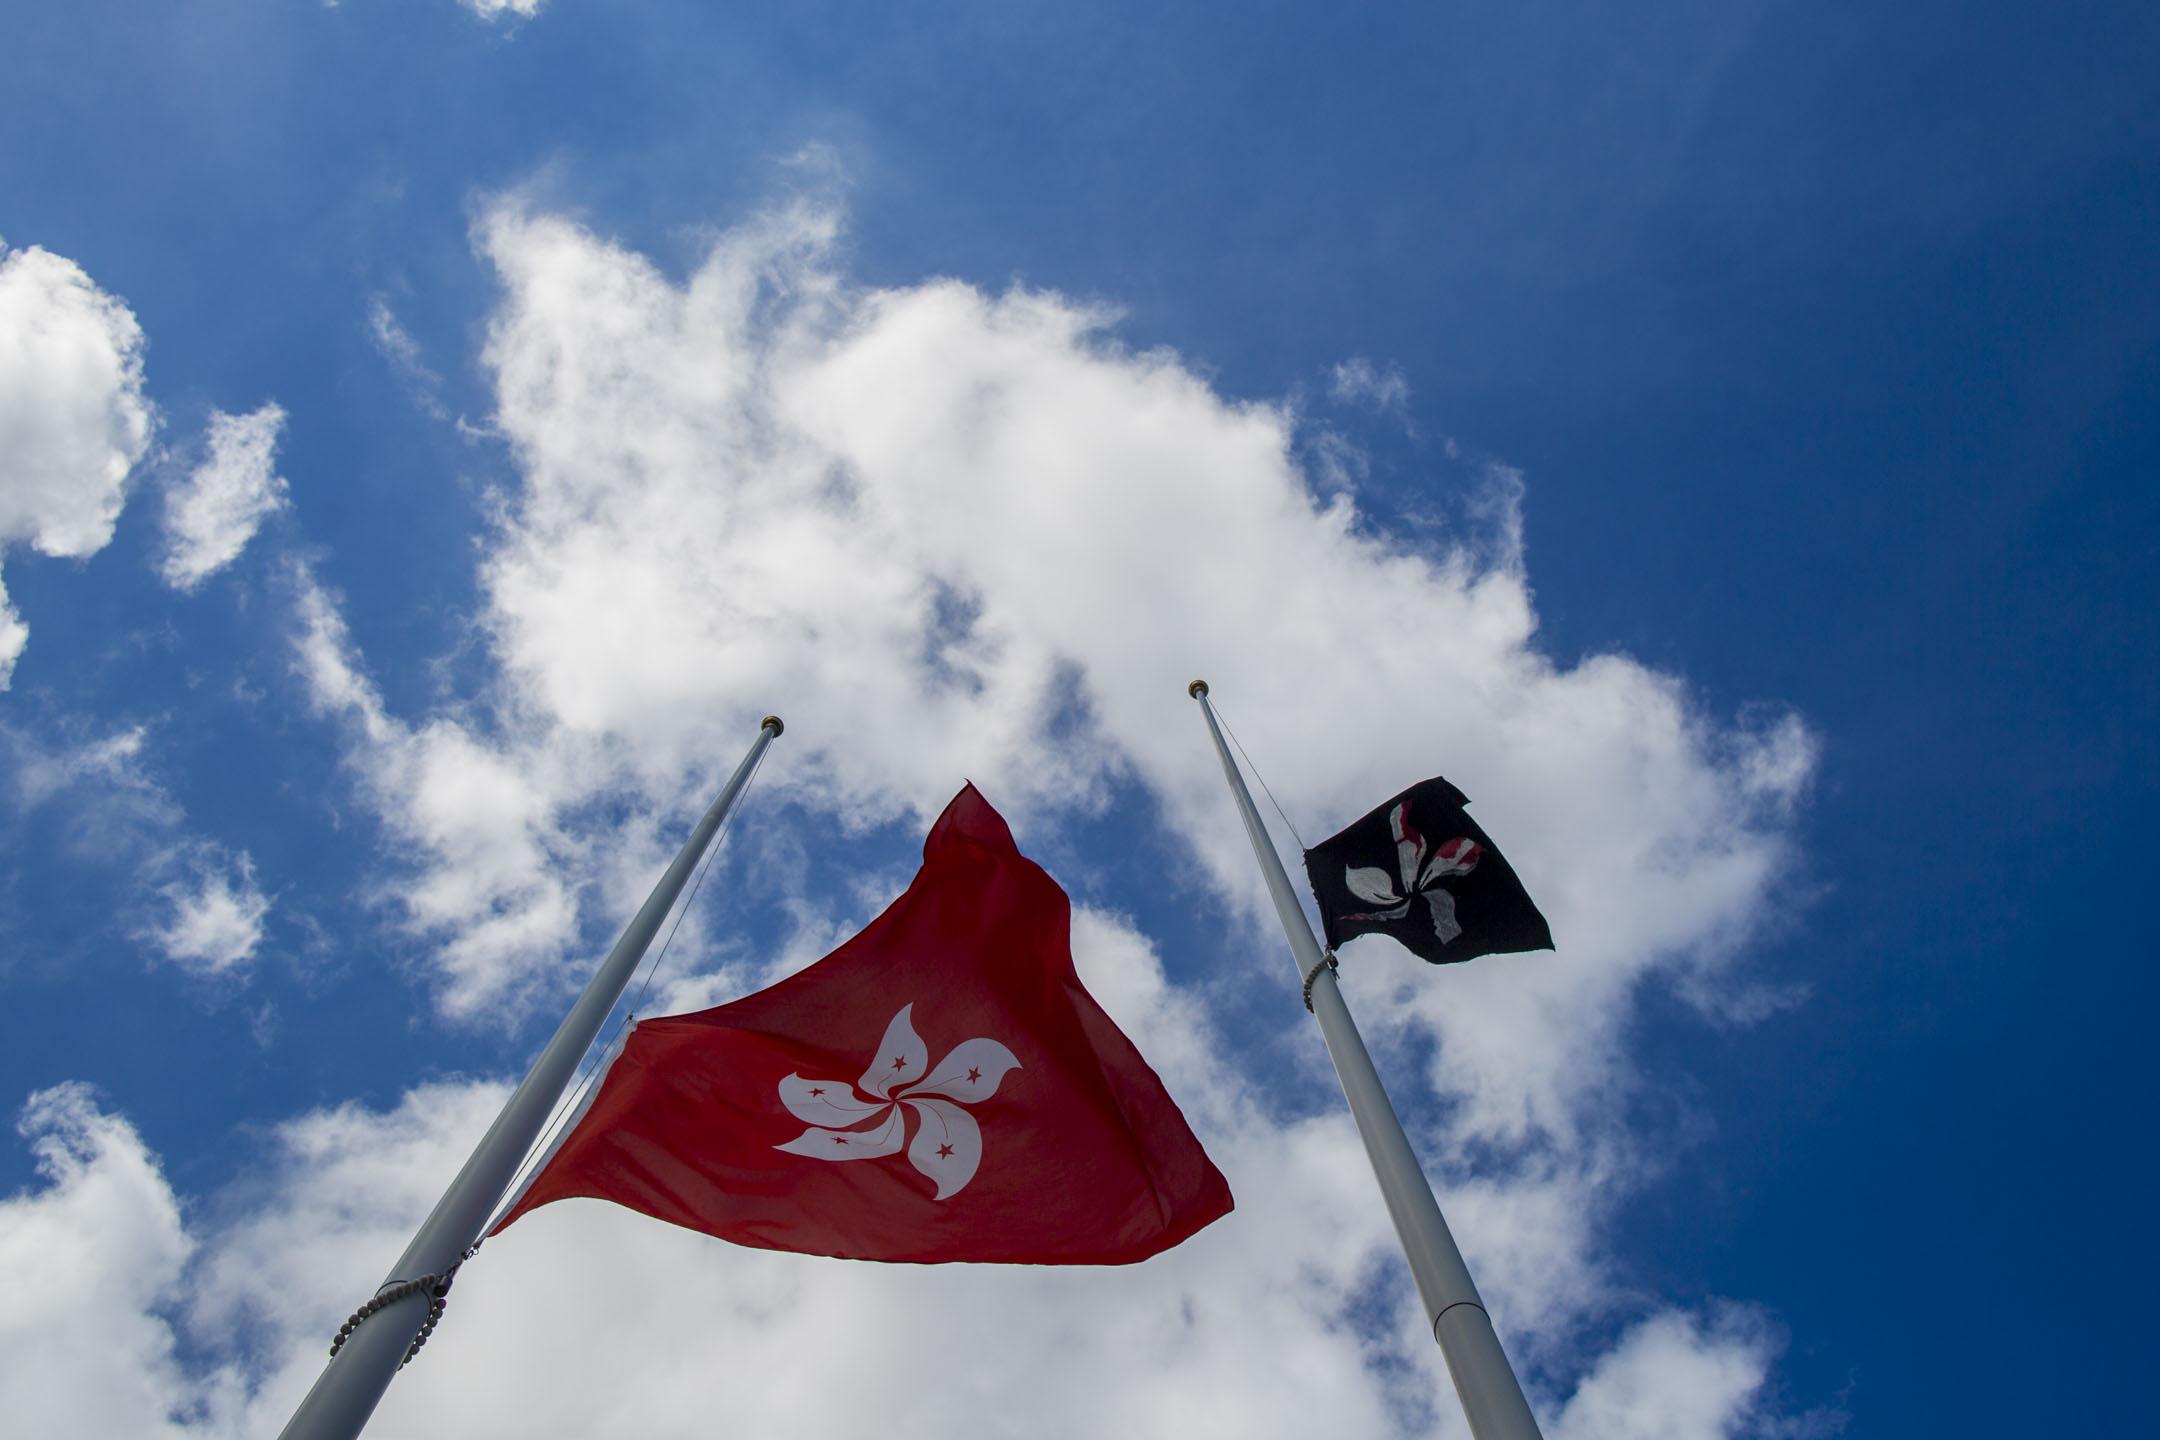 2019年7月1日,立法會廣場外旗杆上懸掛的國旗被人換上黑旗,特區區旗則被下半旗。